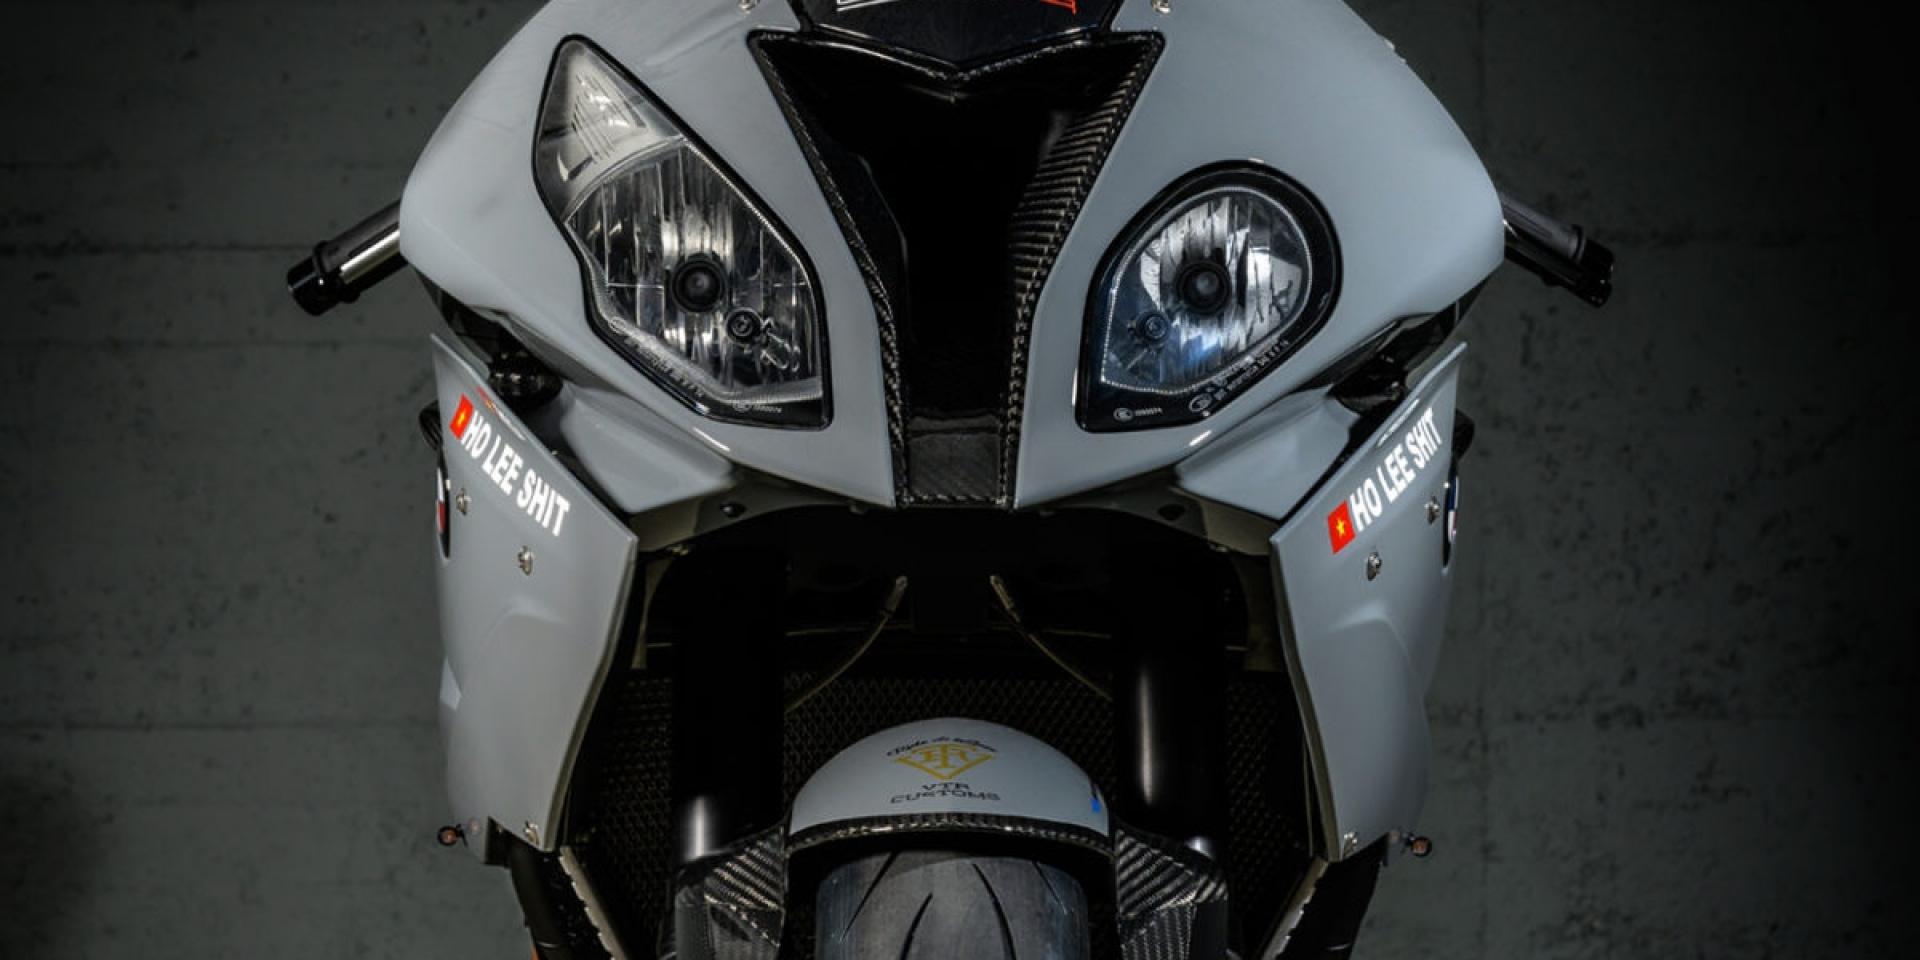 不同的寶馬,相同的戰鬥意志!兩部BMW S1000-Series的戰鬥改 by VTR